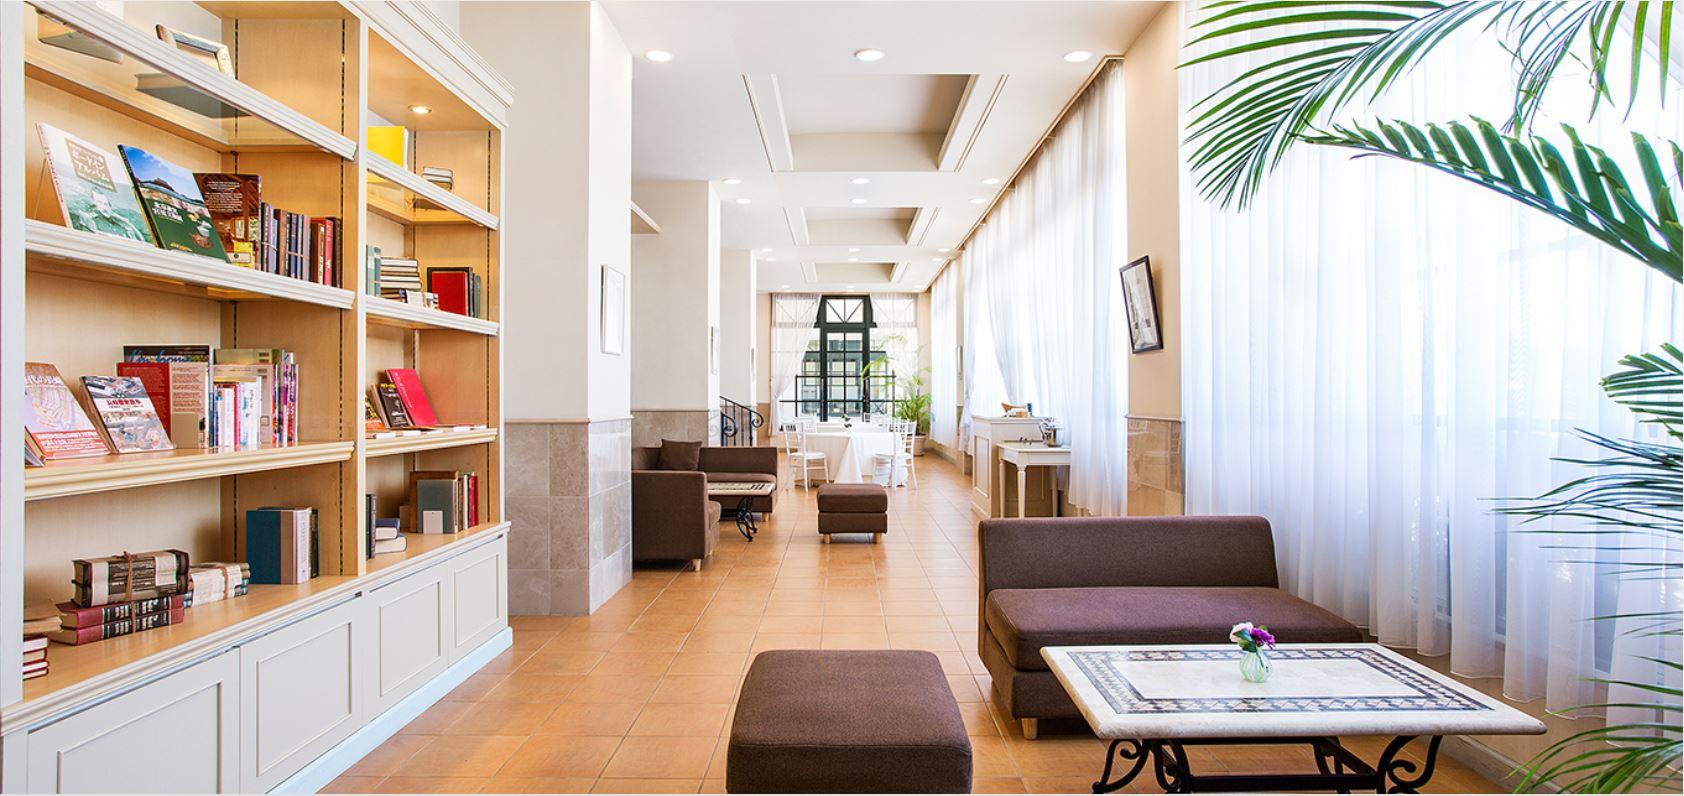 カフェ 長崎 ルーク プラザ ホテル 九州 旅行 おすすめ 観光